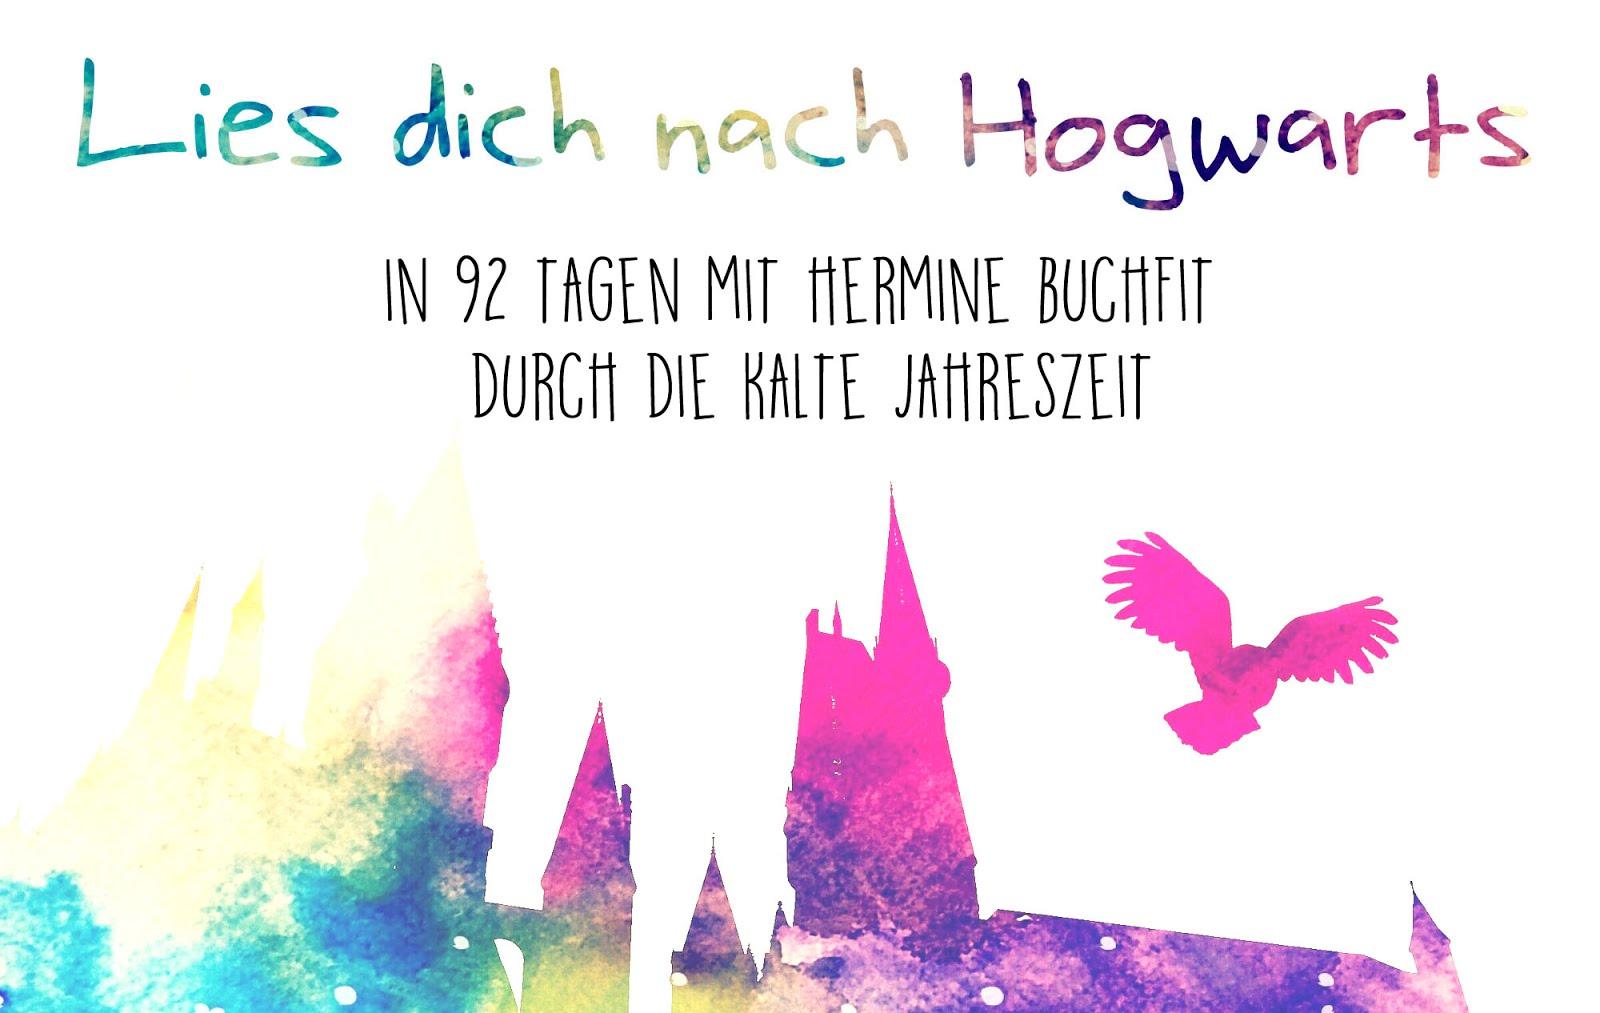 Lies dich nach Hogwarts!